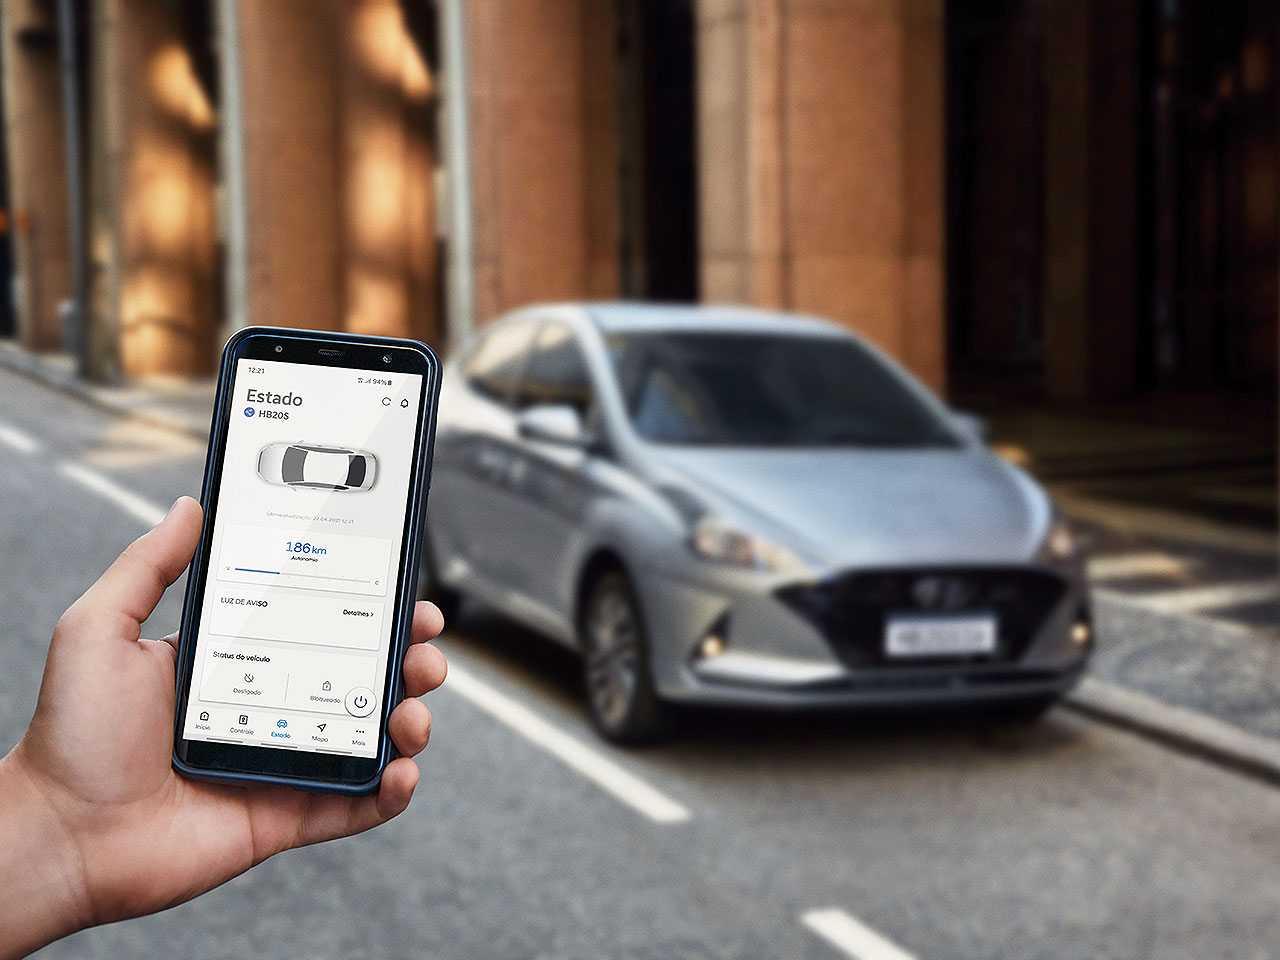 Bluelink, da Hyundai, permite controlar remotamente algumas funções do carro